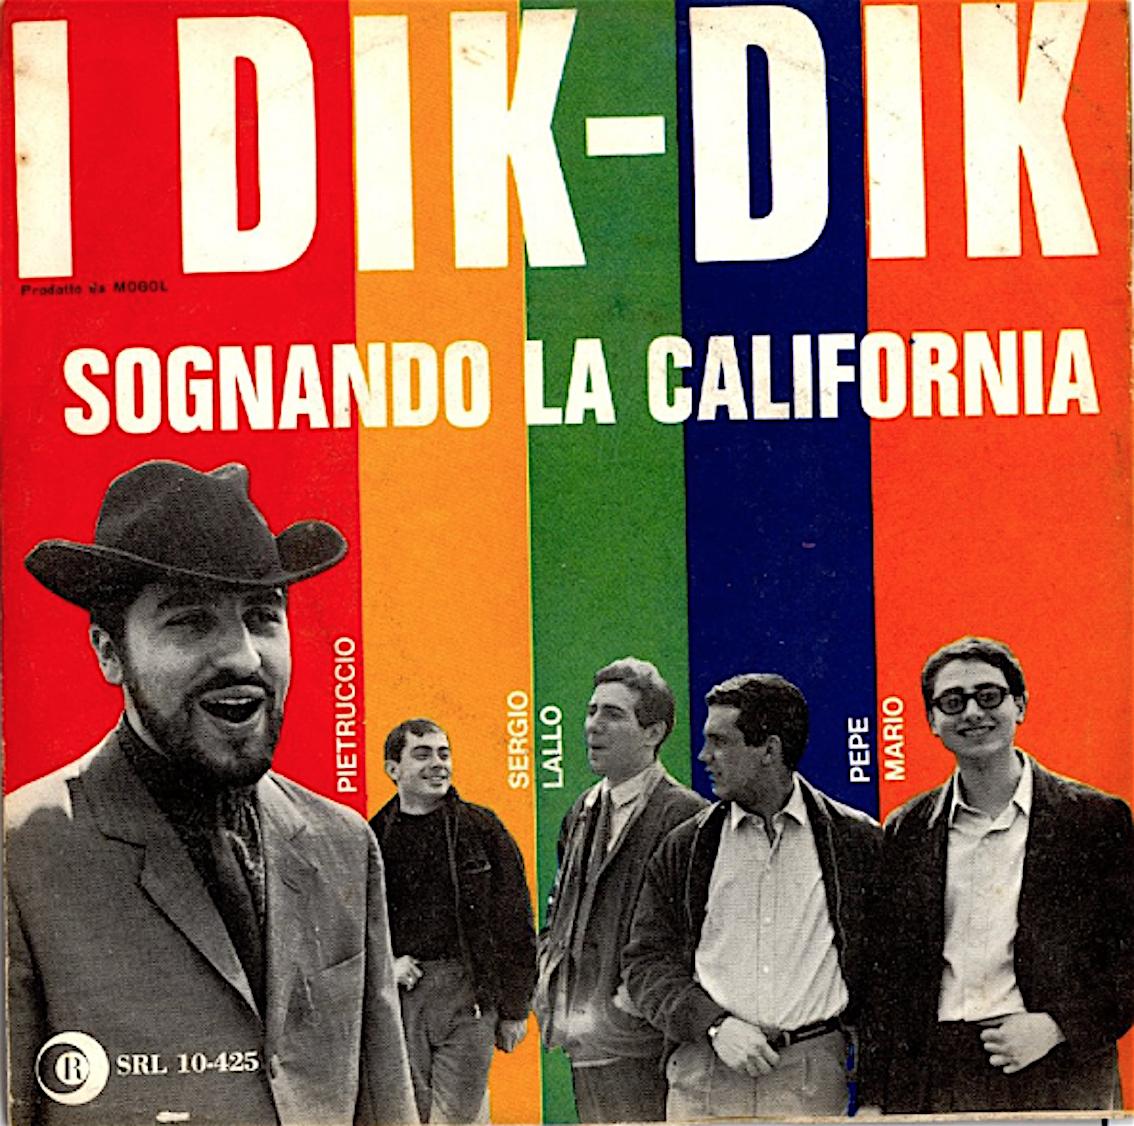 sognando california dik dik copertina